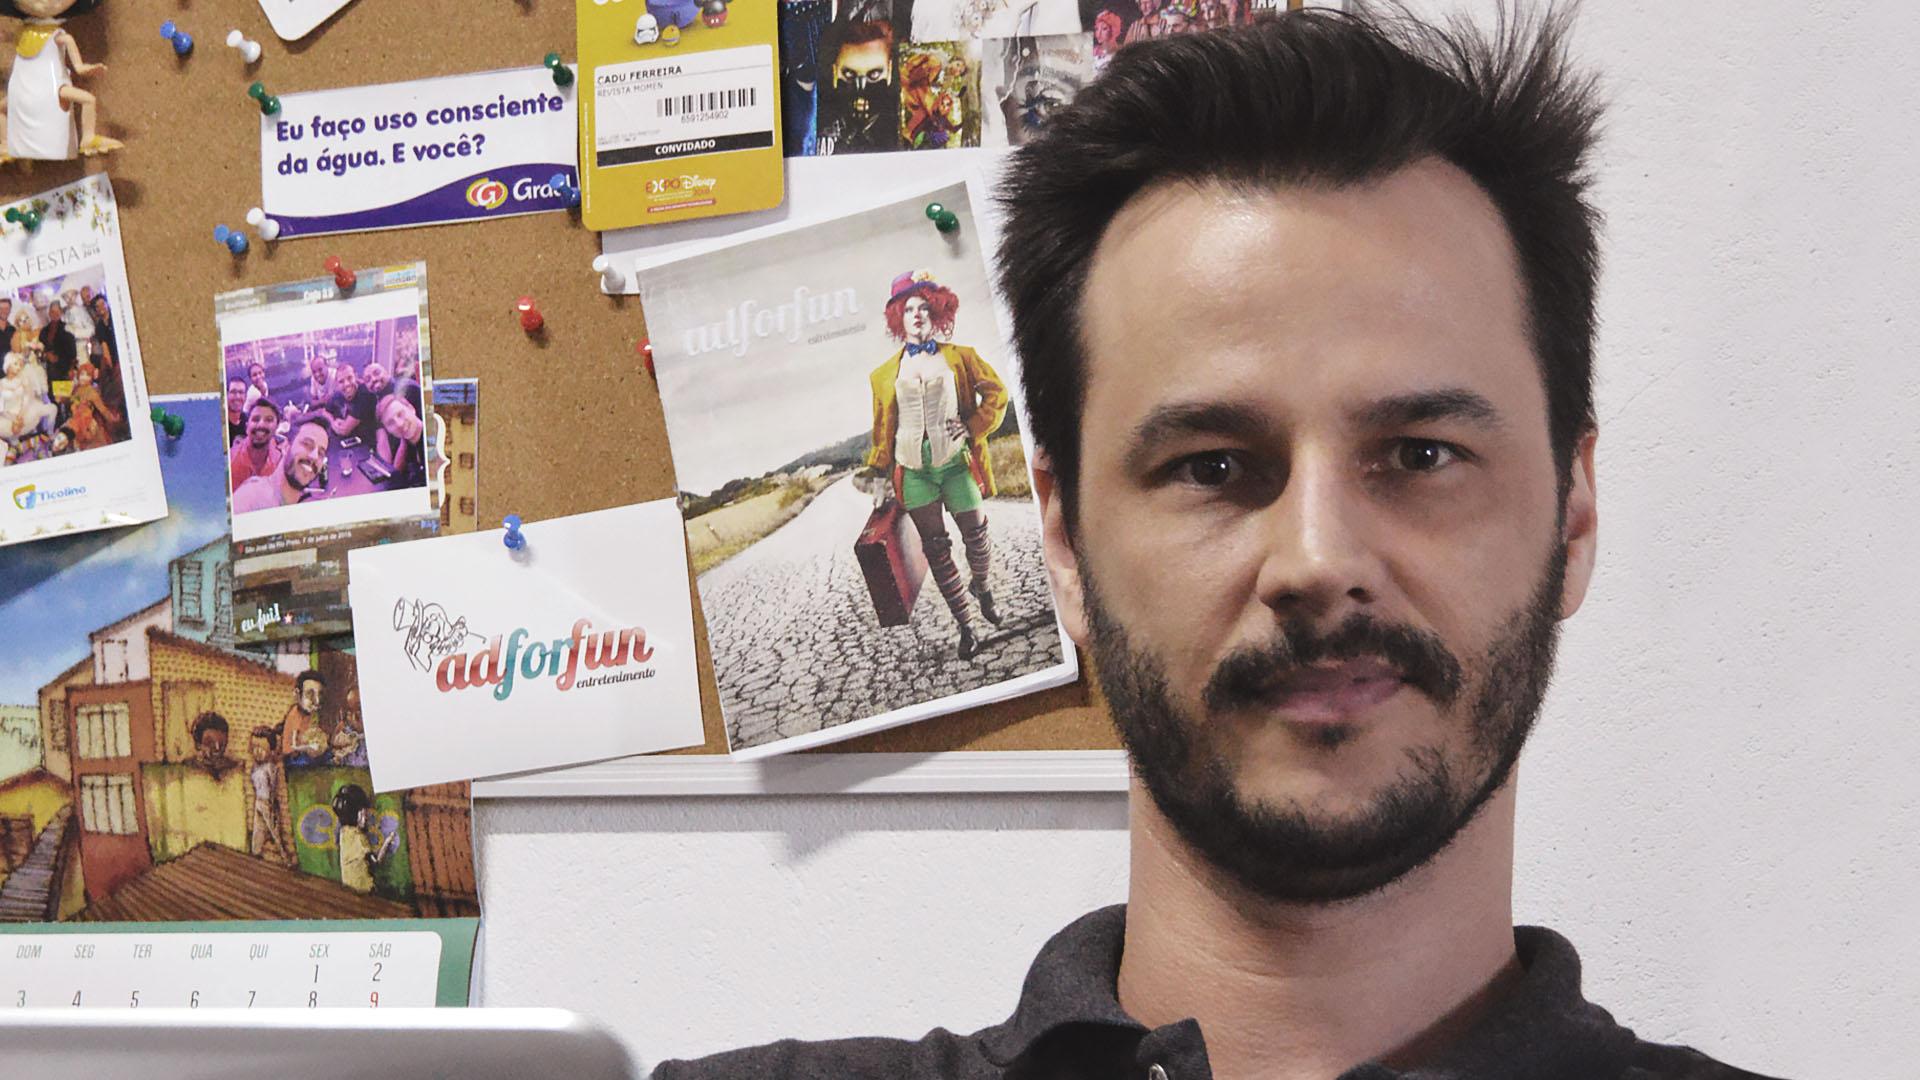 O aluno Cadu Ferreira faz parcerias por meio da rede social da plataforma